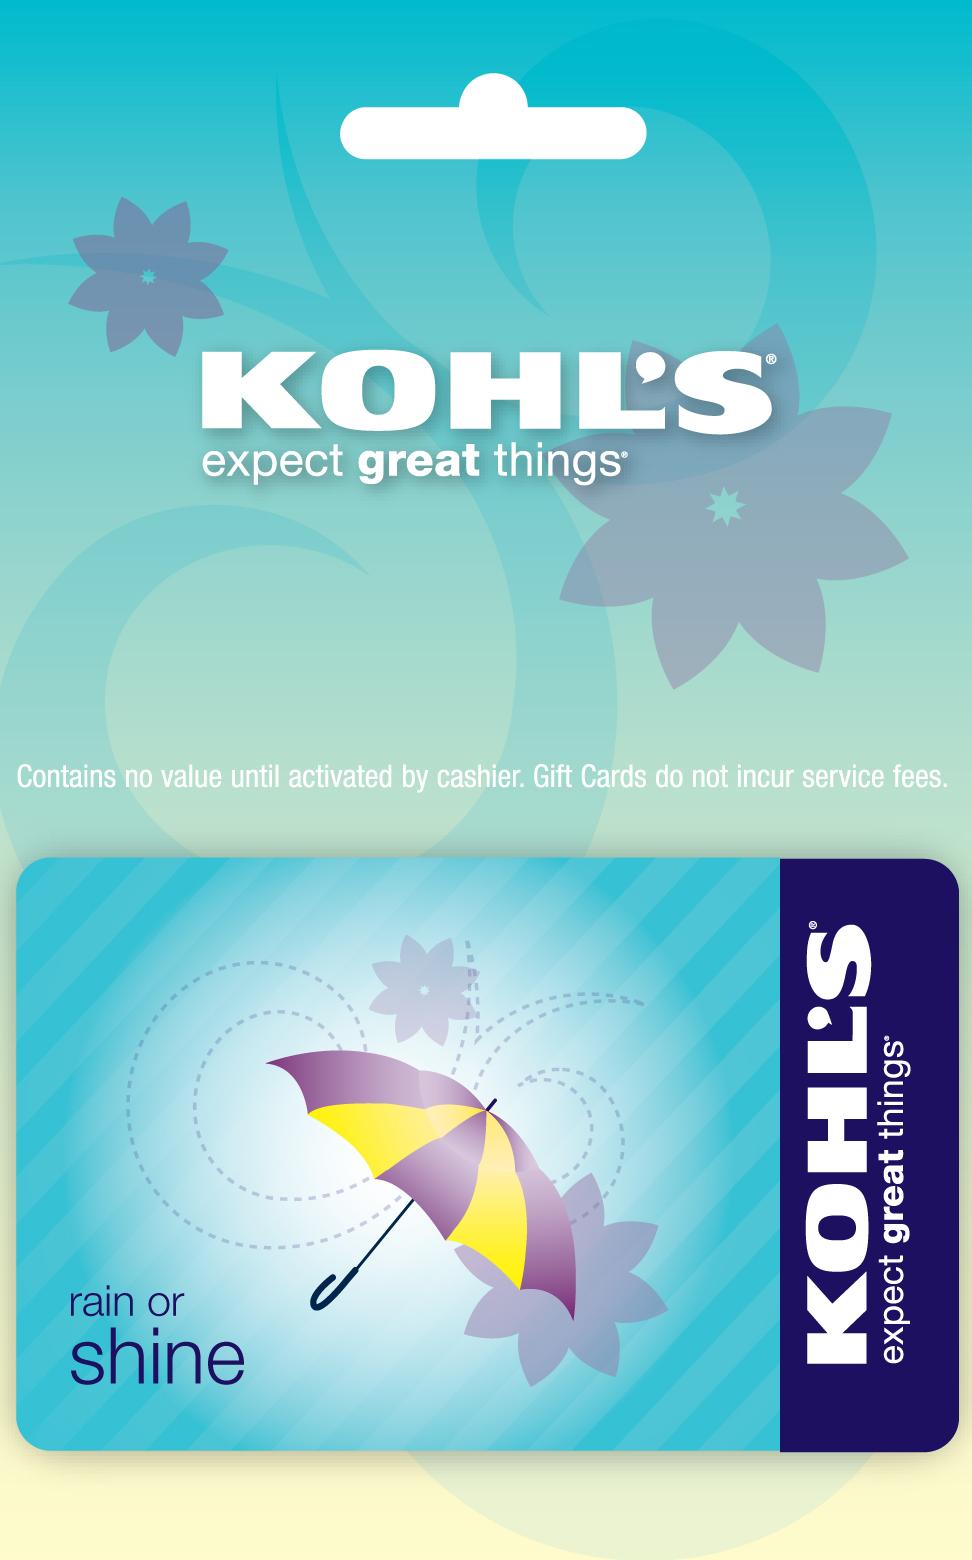 KohlsGC_5.jpg